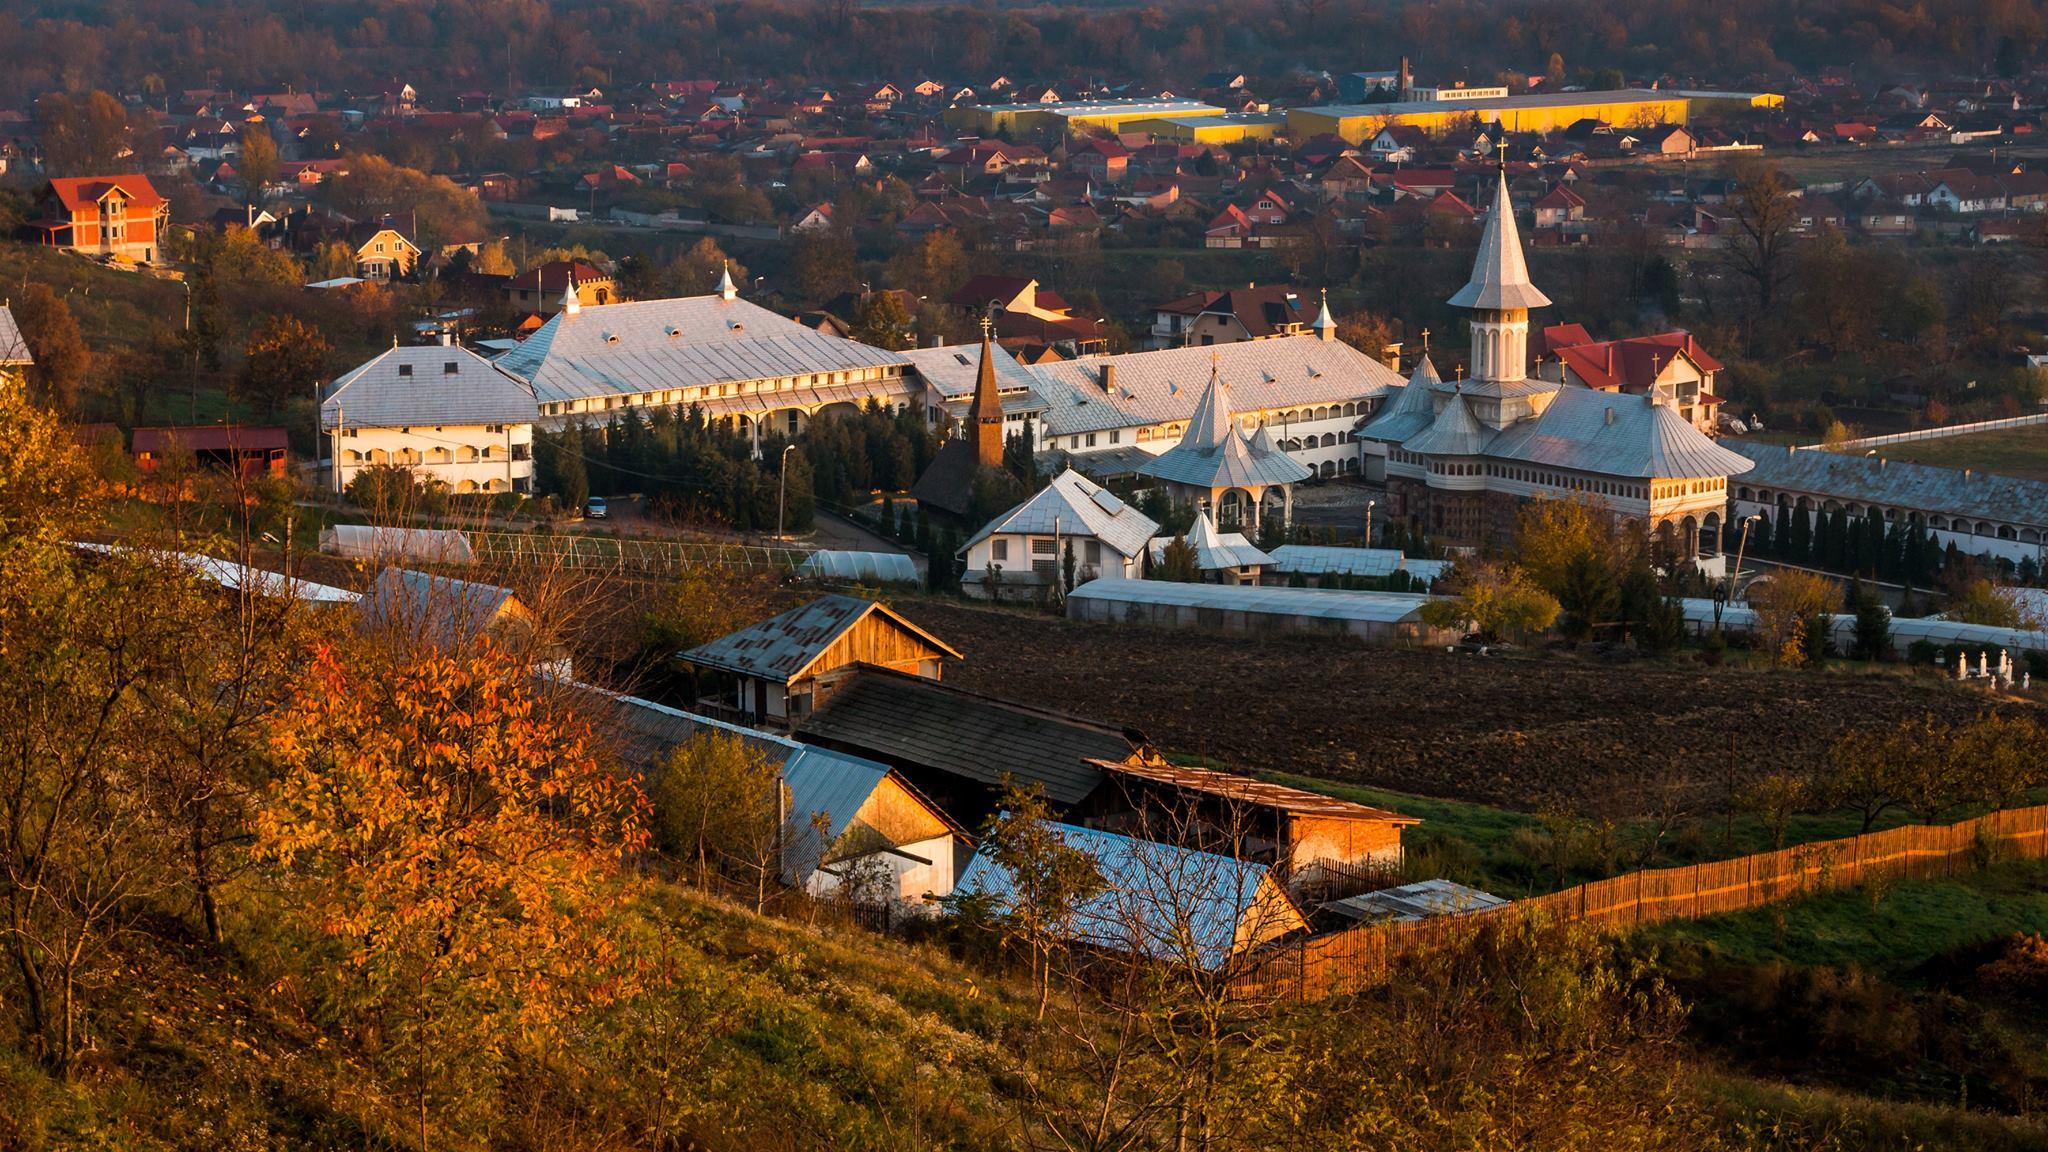 obiective turistice din Bihor